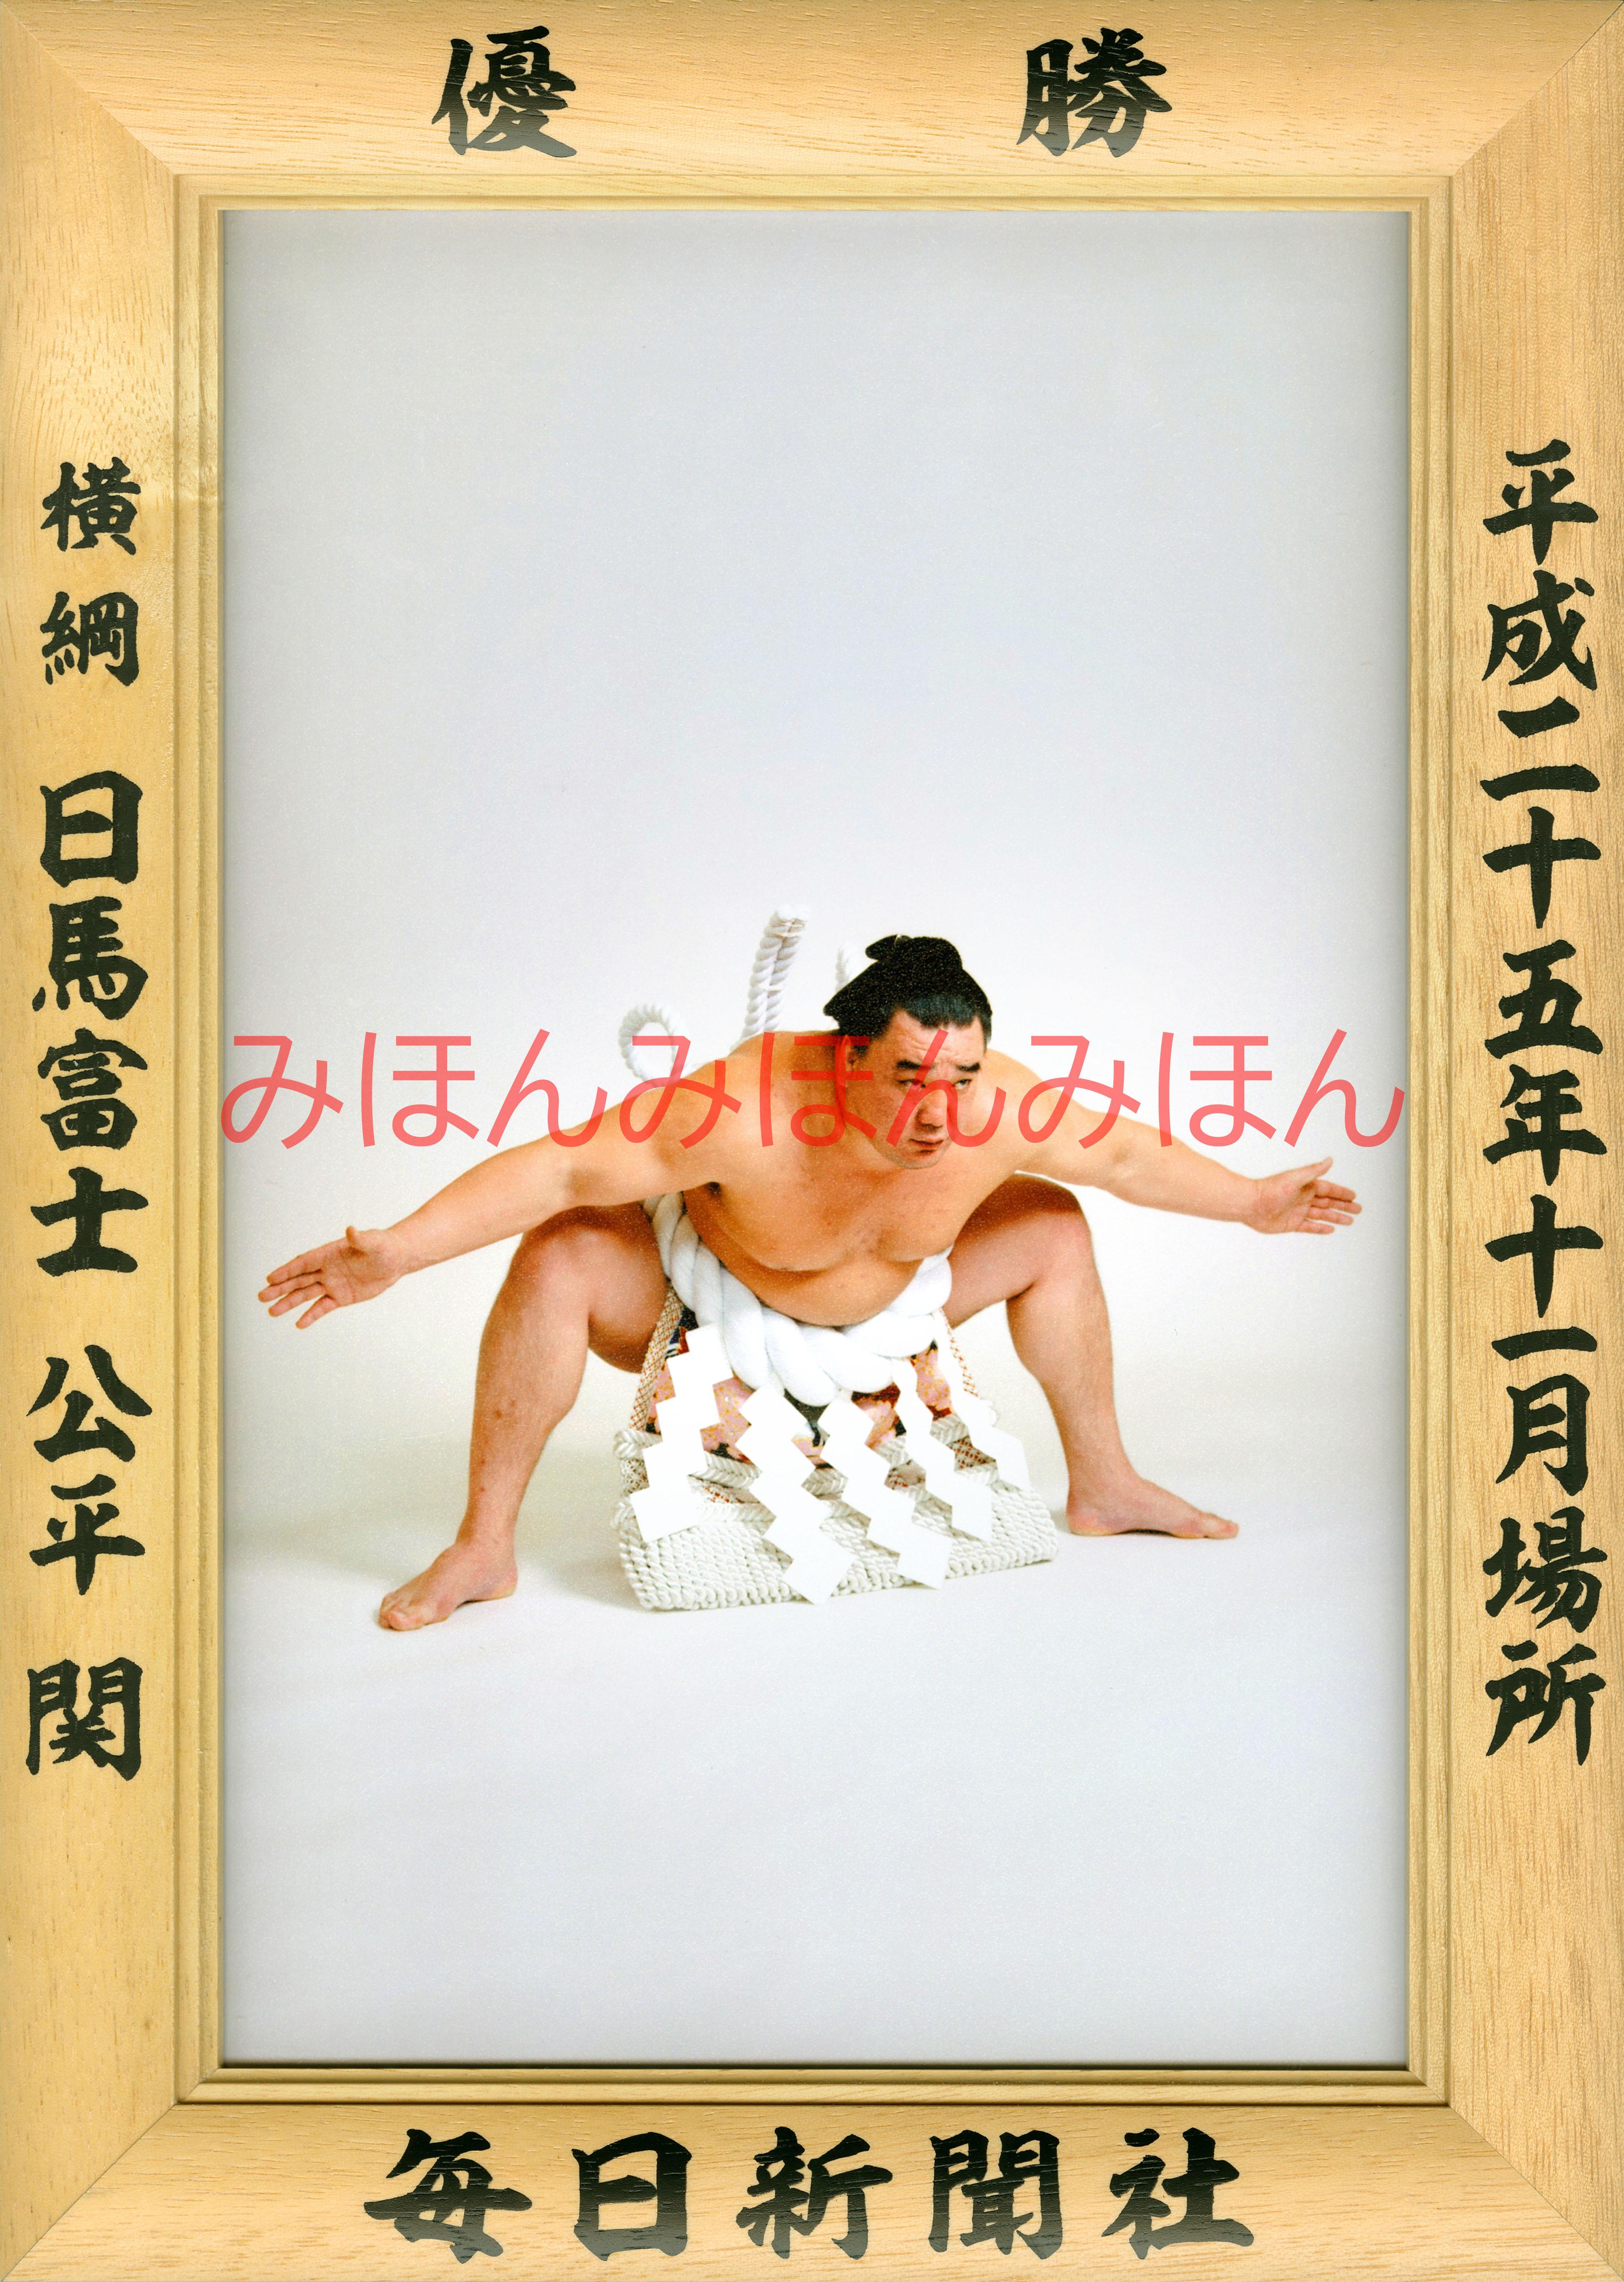 平成25年11月場所優勝 横綱 日馬富士公平関(6回目の優勝)